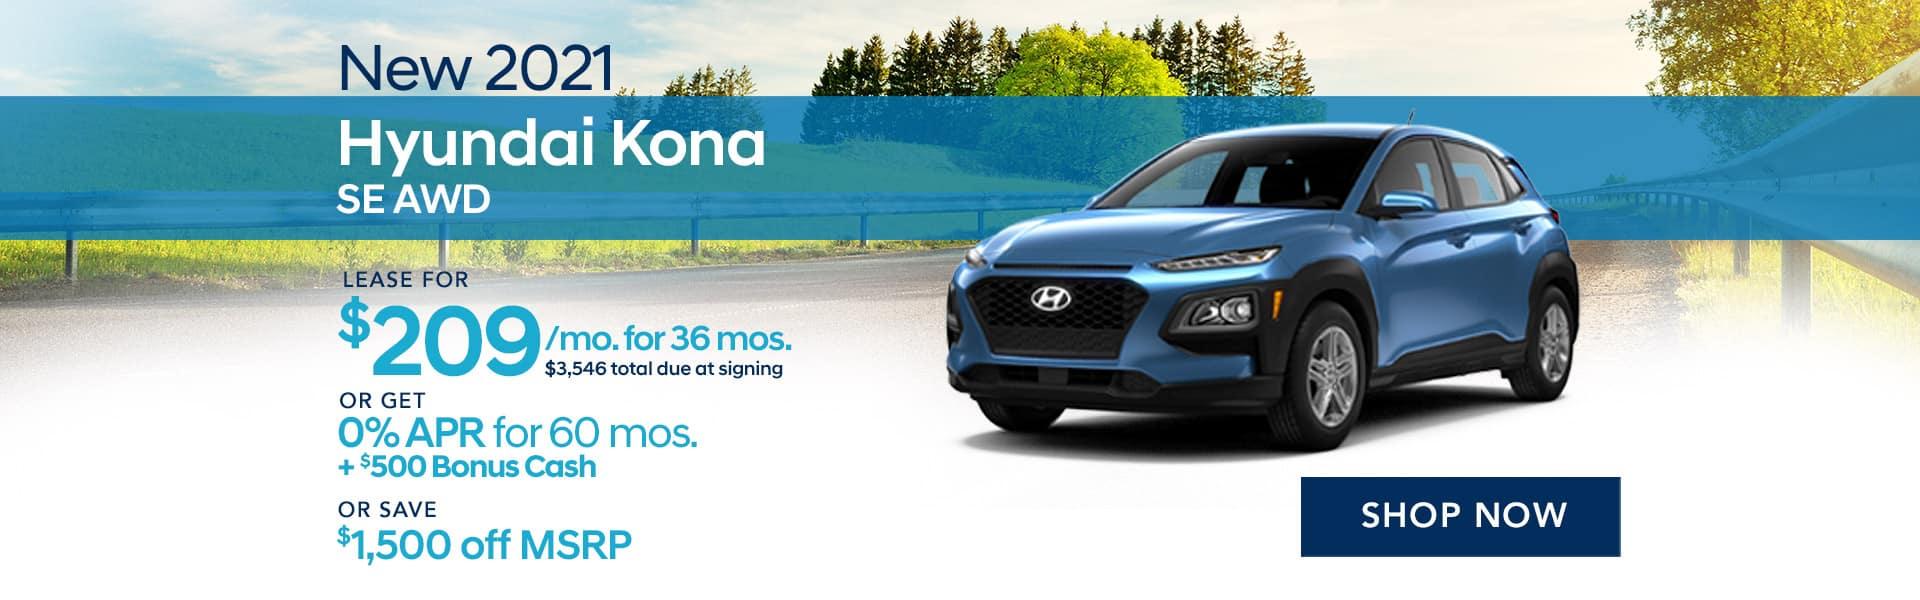 HYH-1920×600-New 2021 Hyundai Kona SE AWD-05_21